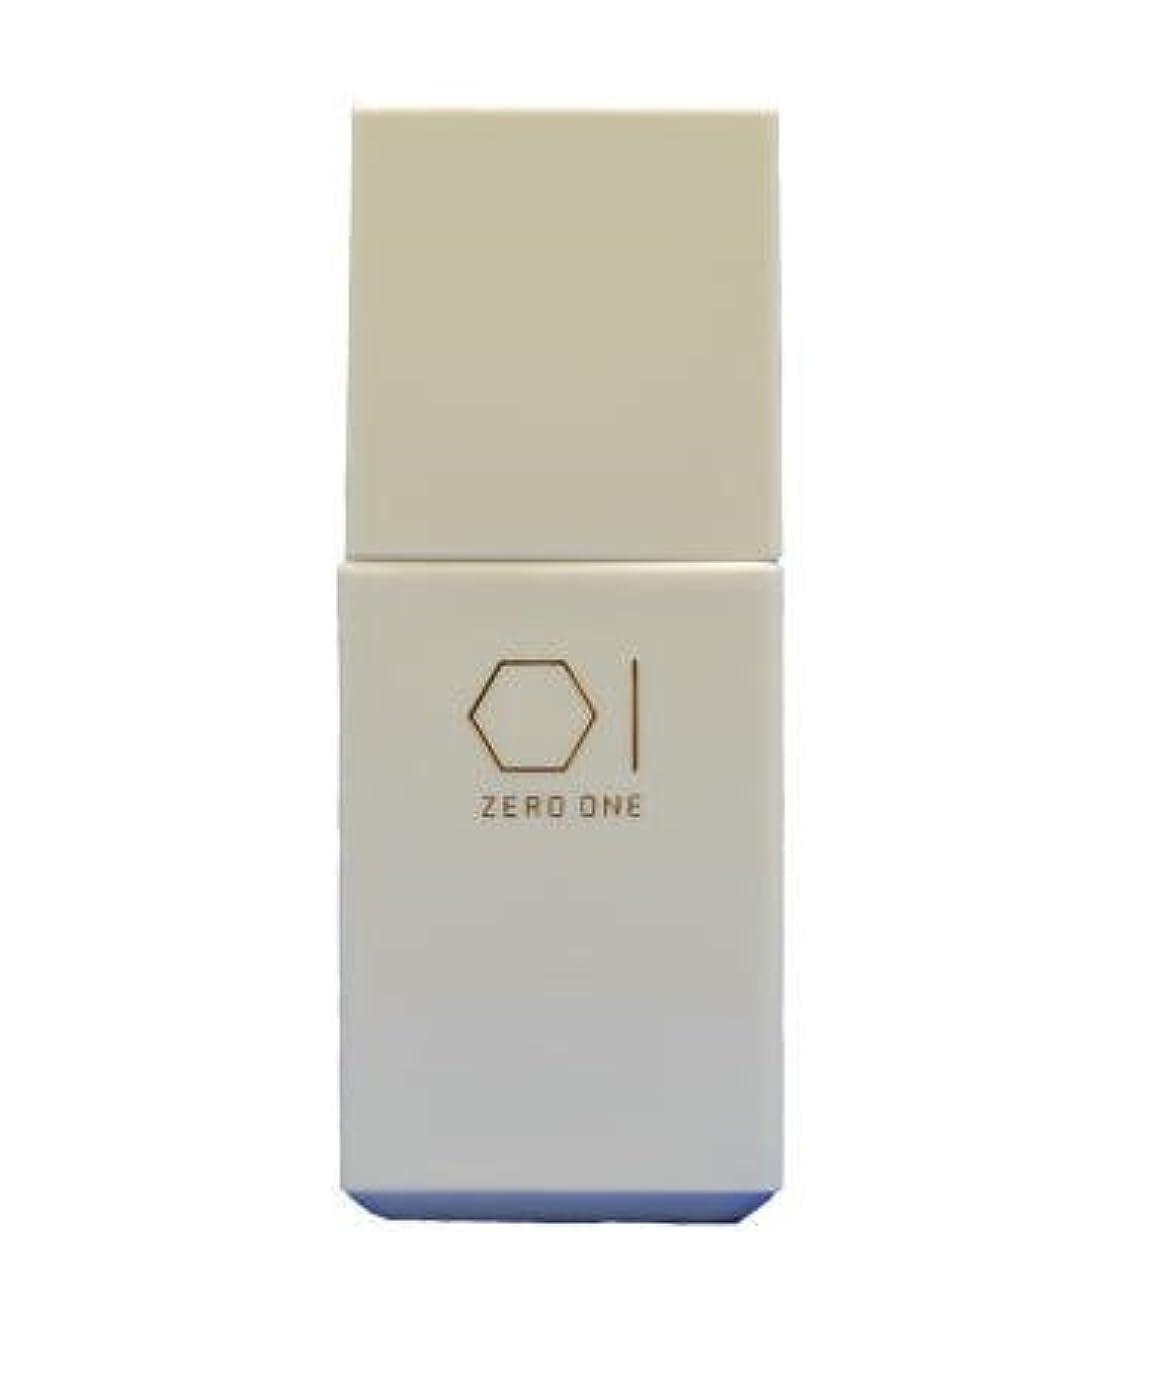 補償リサイクルする測るZERO ONE(ゼロワン) 50ml